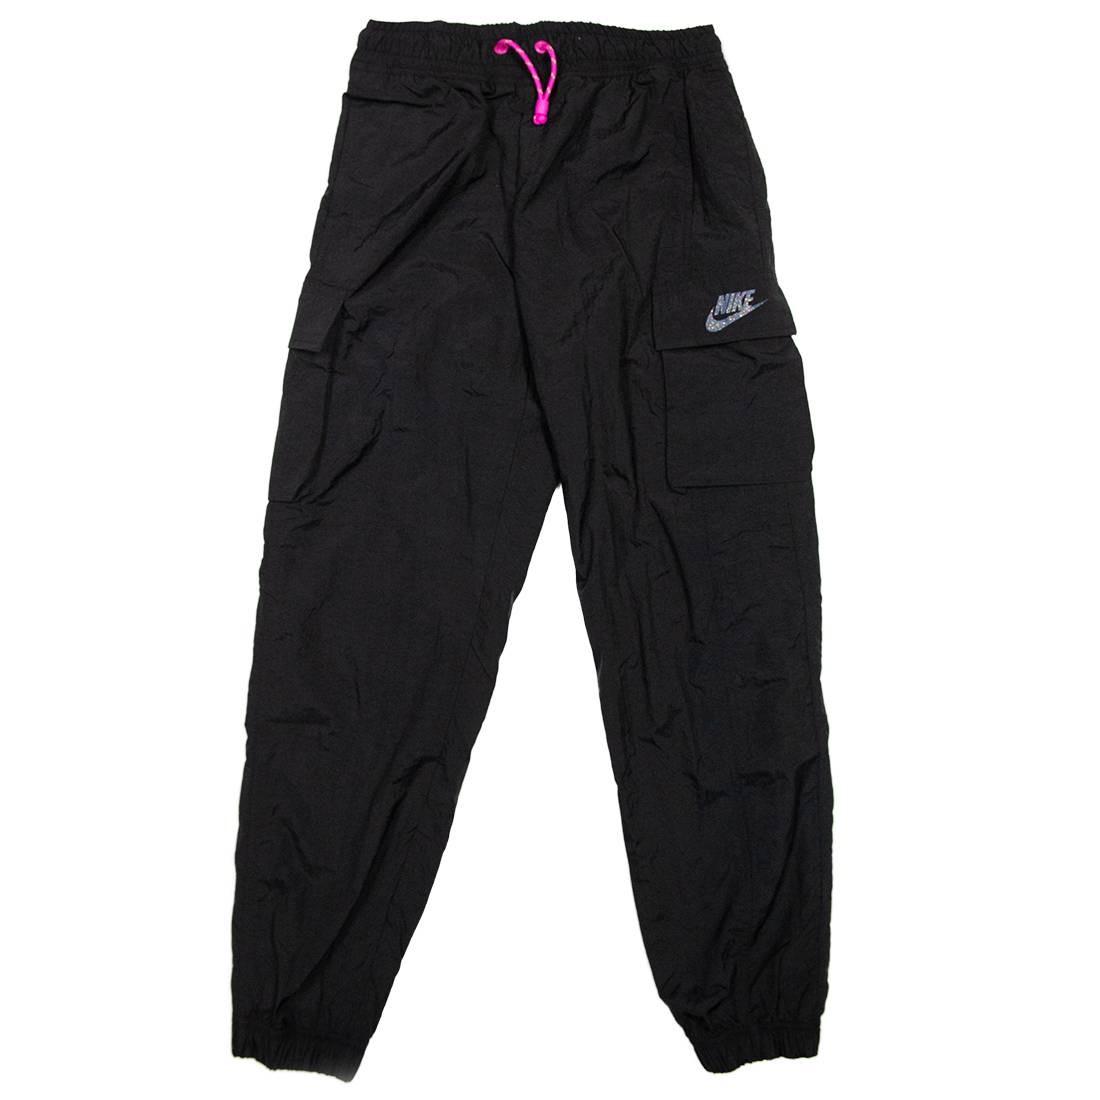 Nike Women Sportswear Icon Clash Pants (black / fire pink)